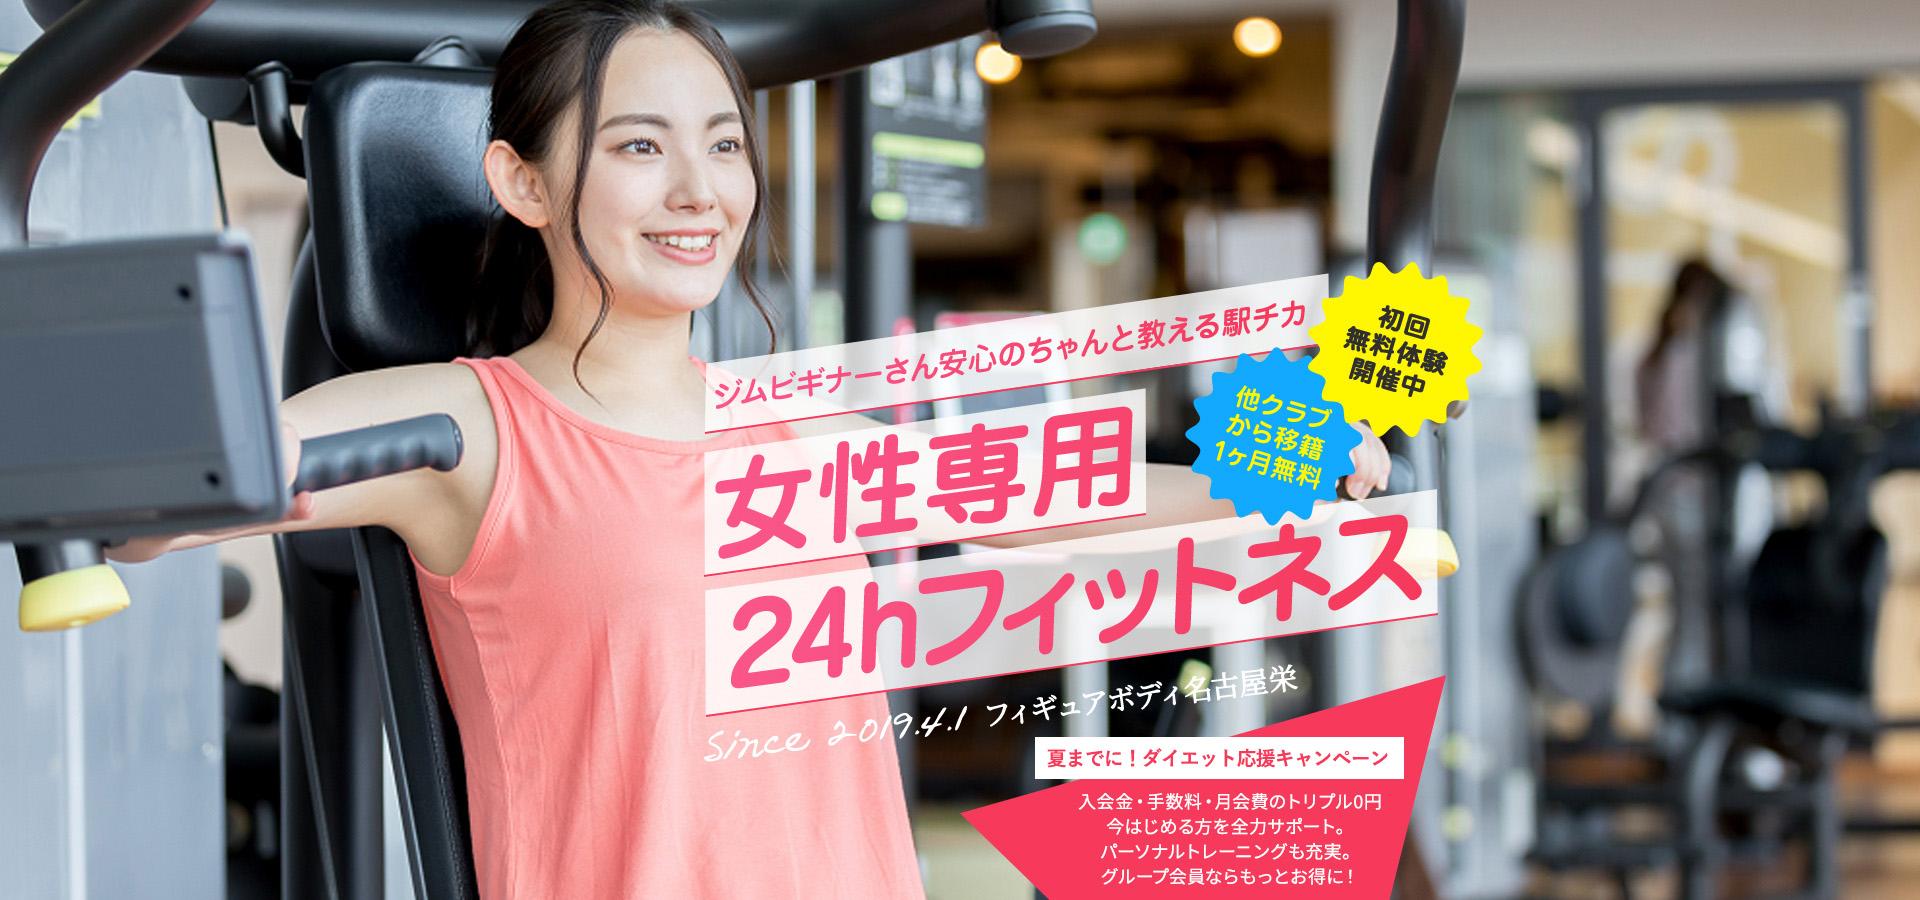 名古屋市栄の「フィットネスクラブ・ボディメイクジム」